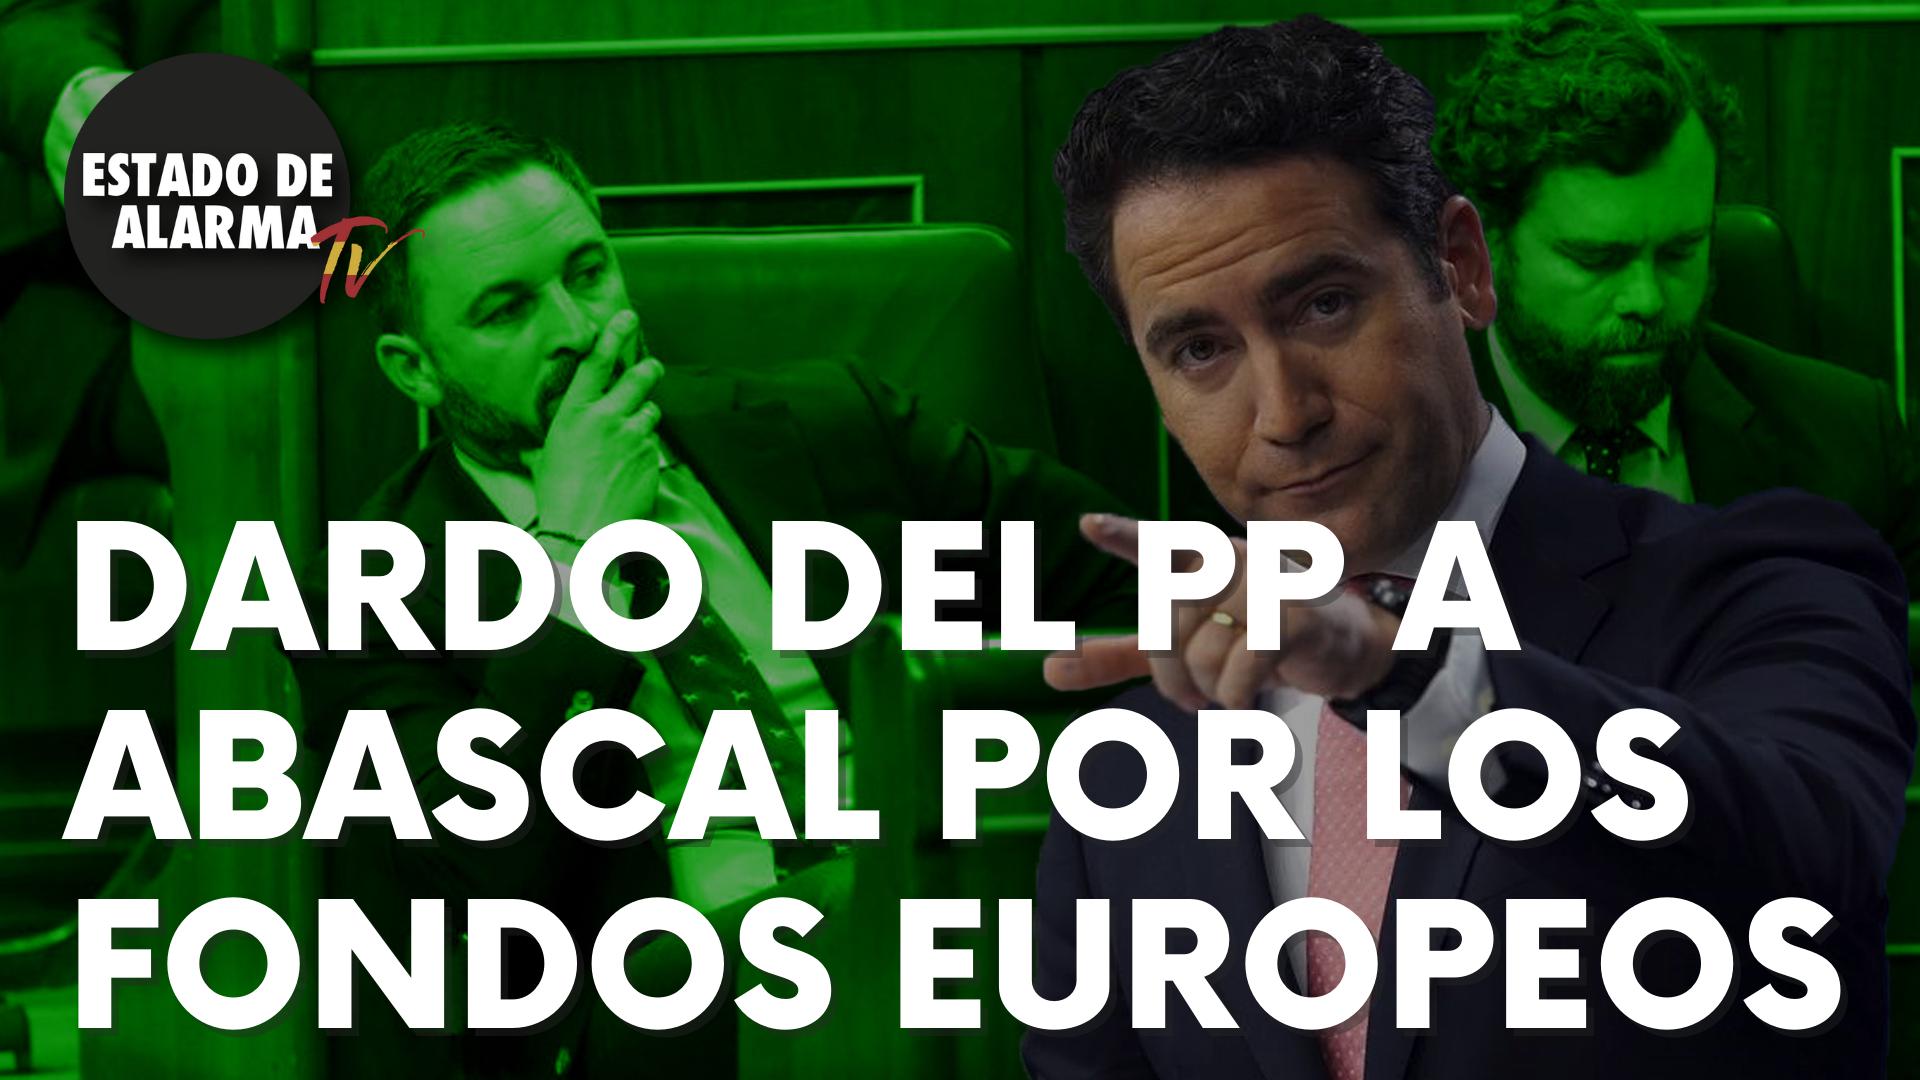 Dardo del PP a Abascal por los fondos europeos